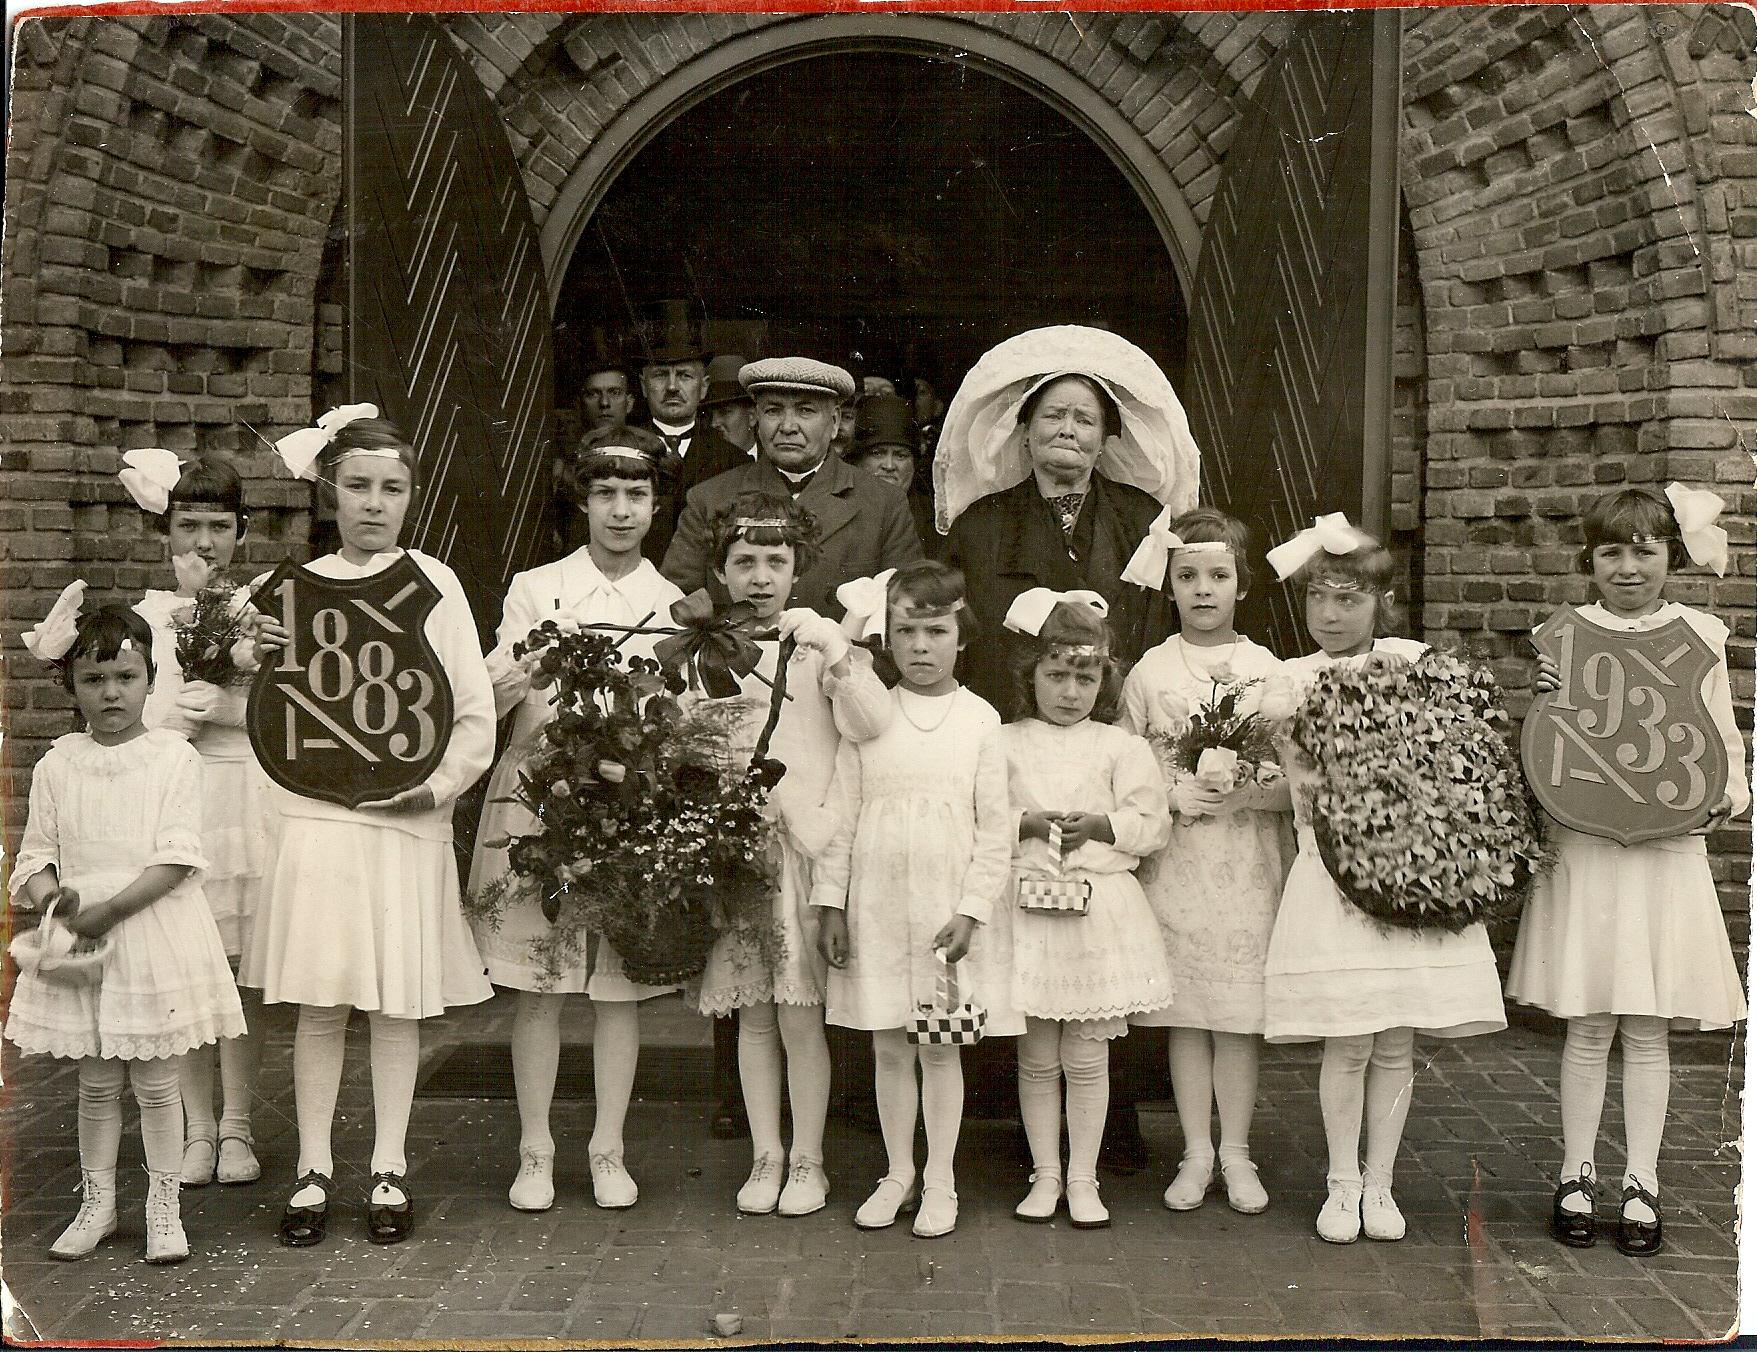 2 mei 1933 Gouden huwelijk van Arnoldus van der Heijden en Antoinetta van der Heijden-Raaijmakers